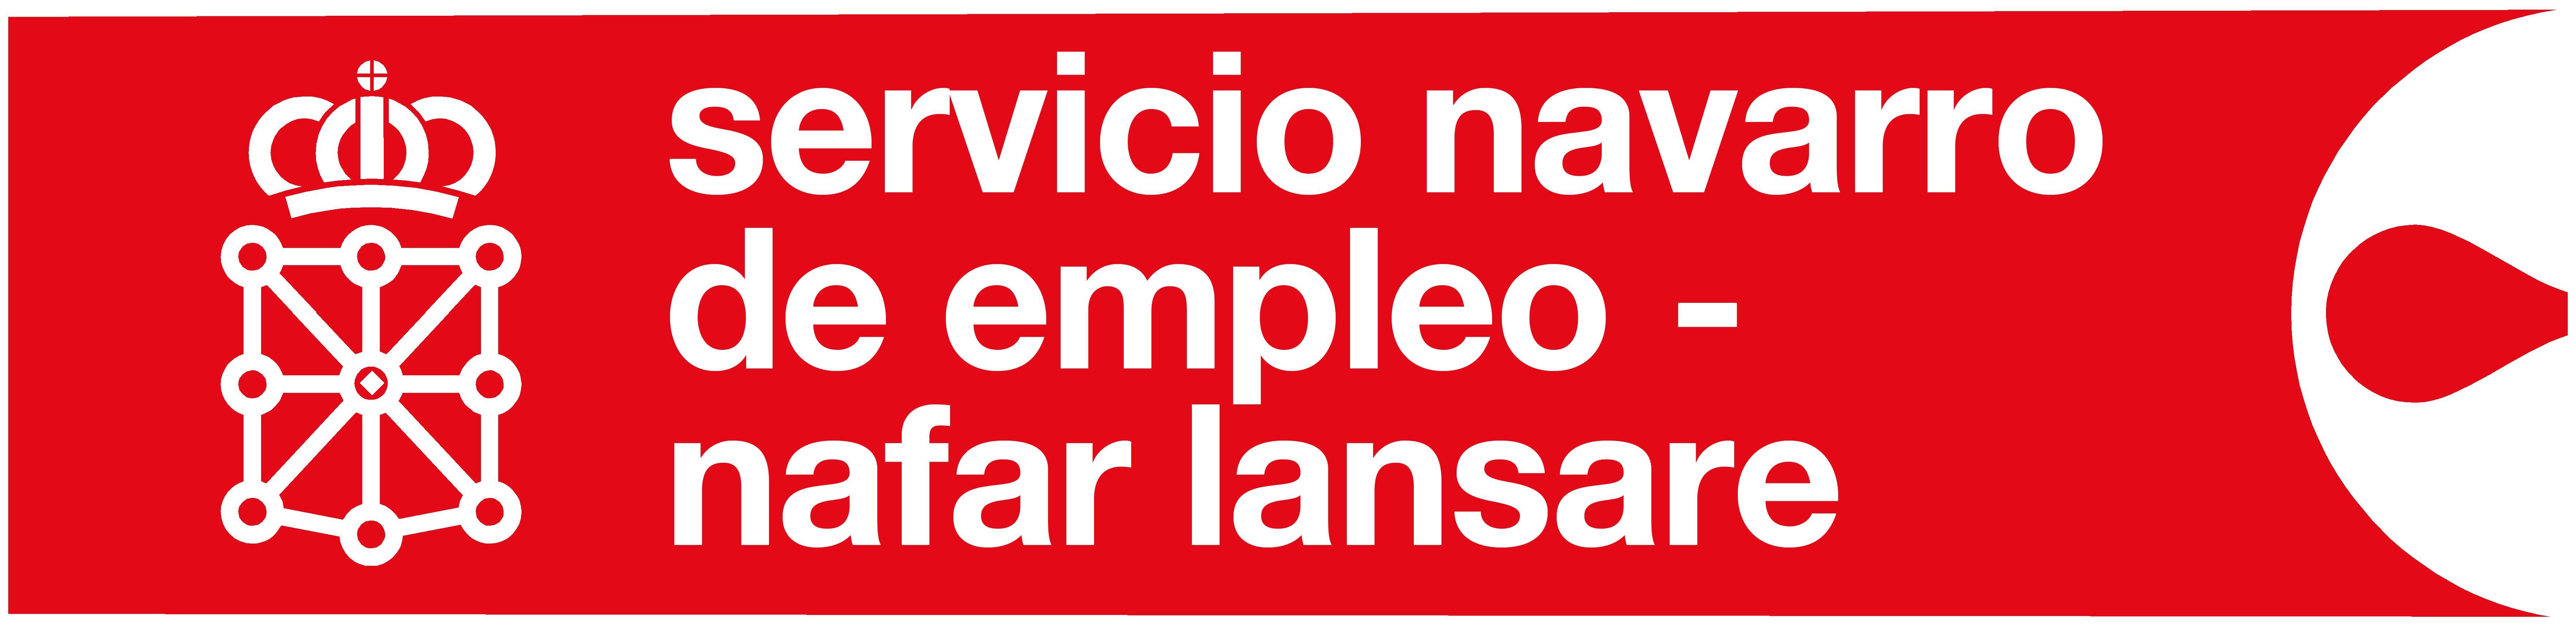 Carretillas y plataformas elevadoras alma formaci n for Servicio de empleo